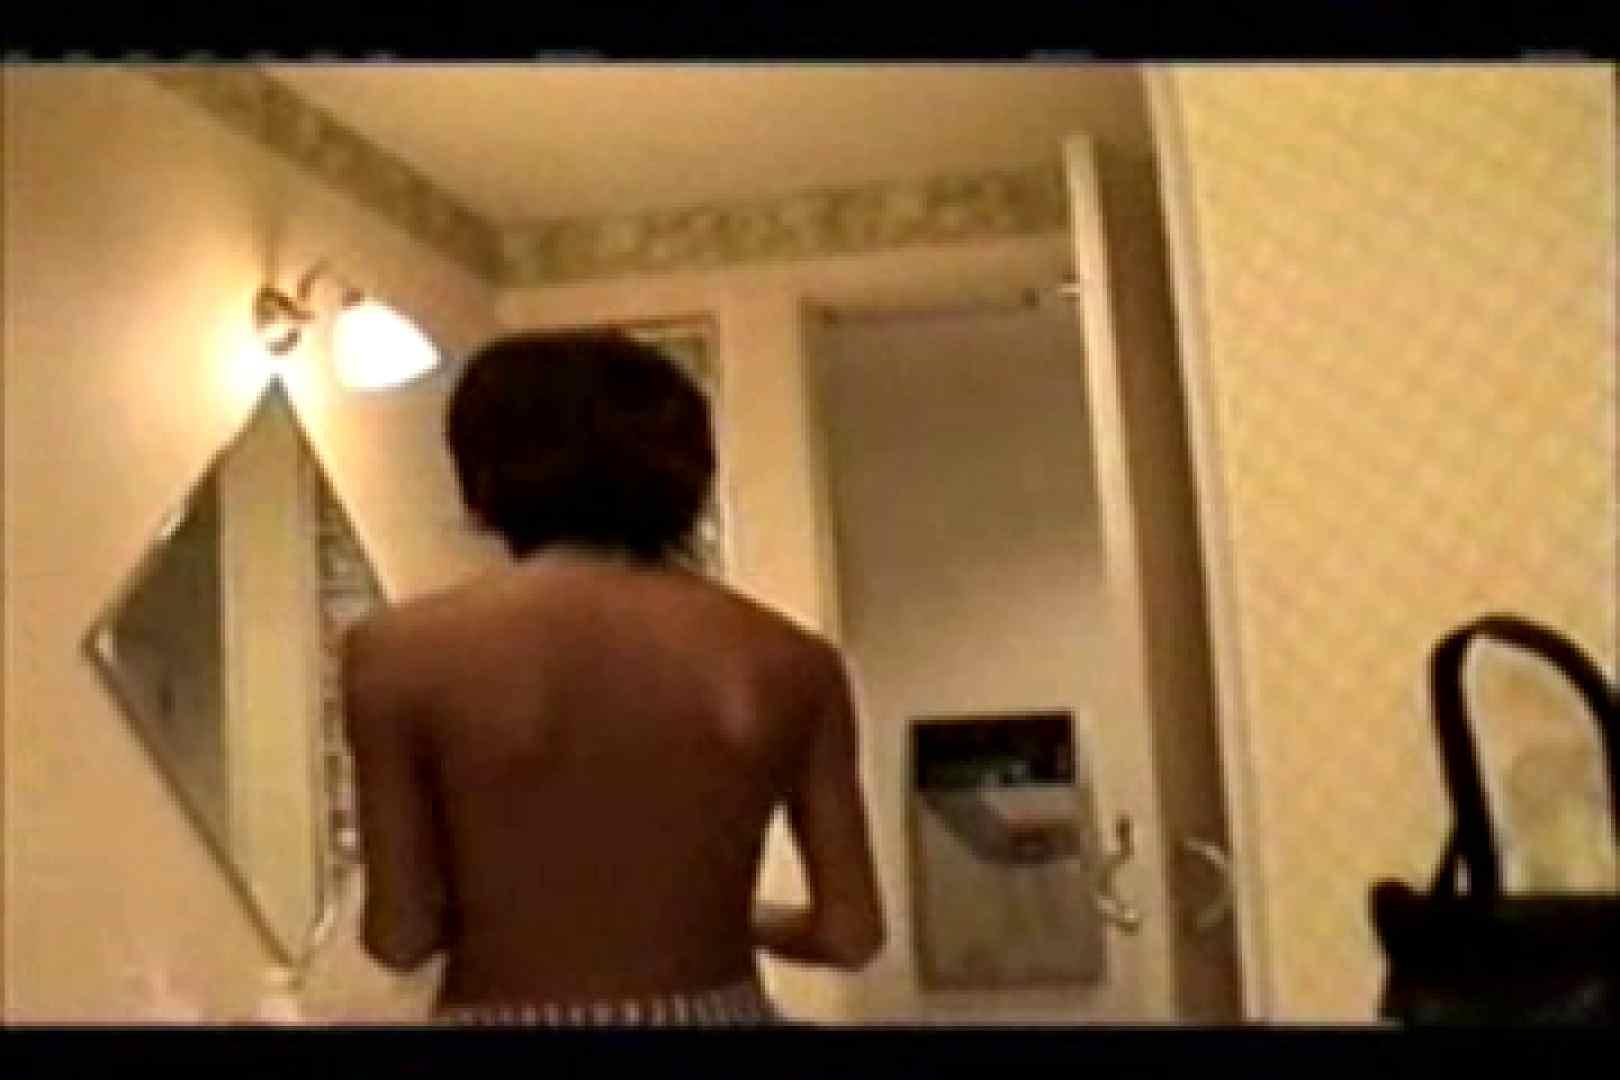 【流出】ジャニ系イケメン!!ぶっ飛びアナルファック!! 69シックスナイン   モデル ゲイヌード画像 10連発 3